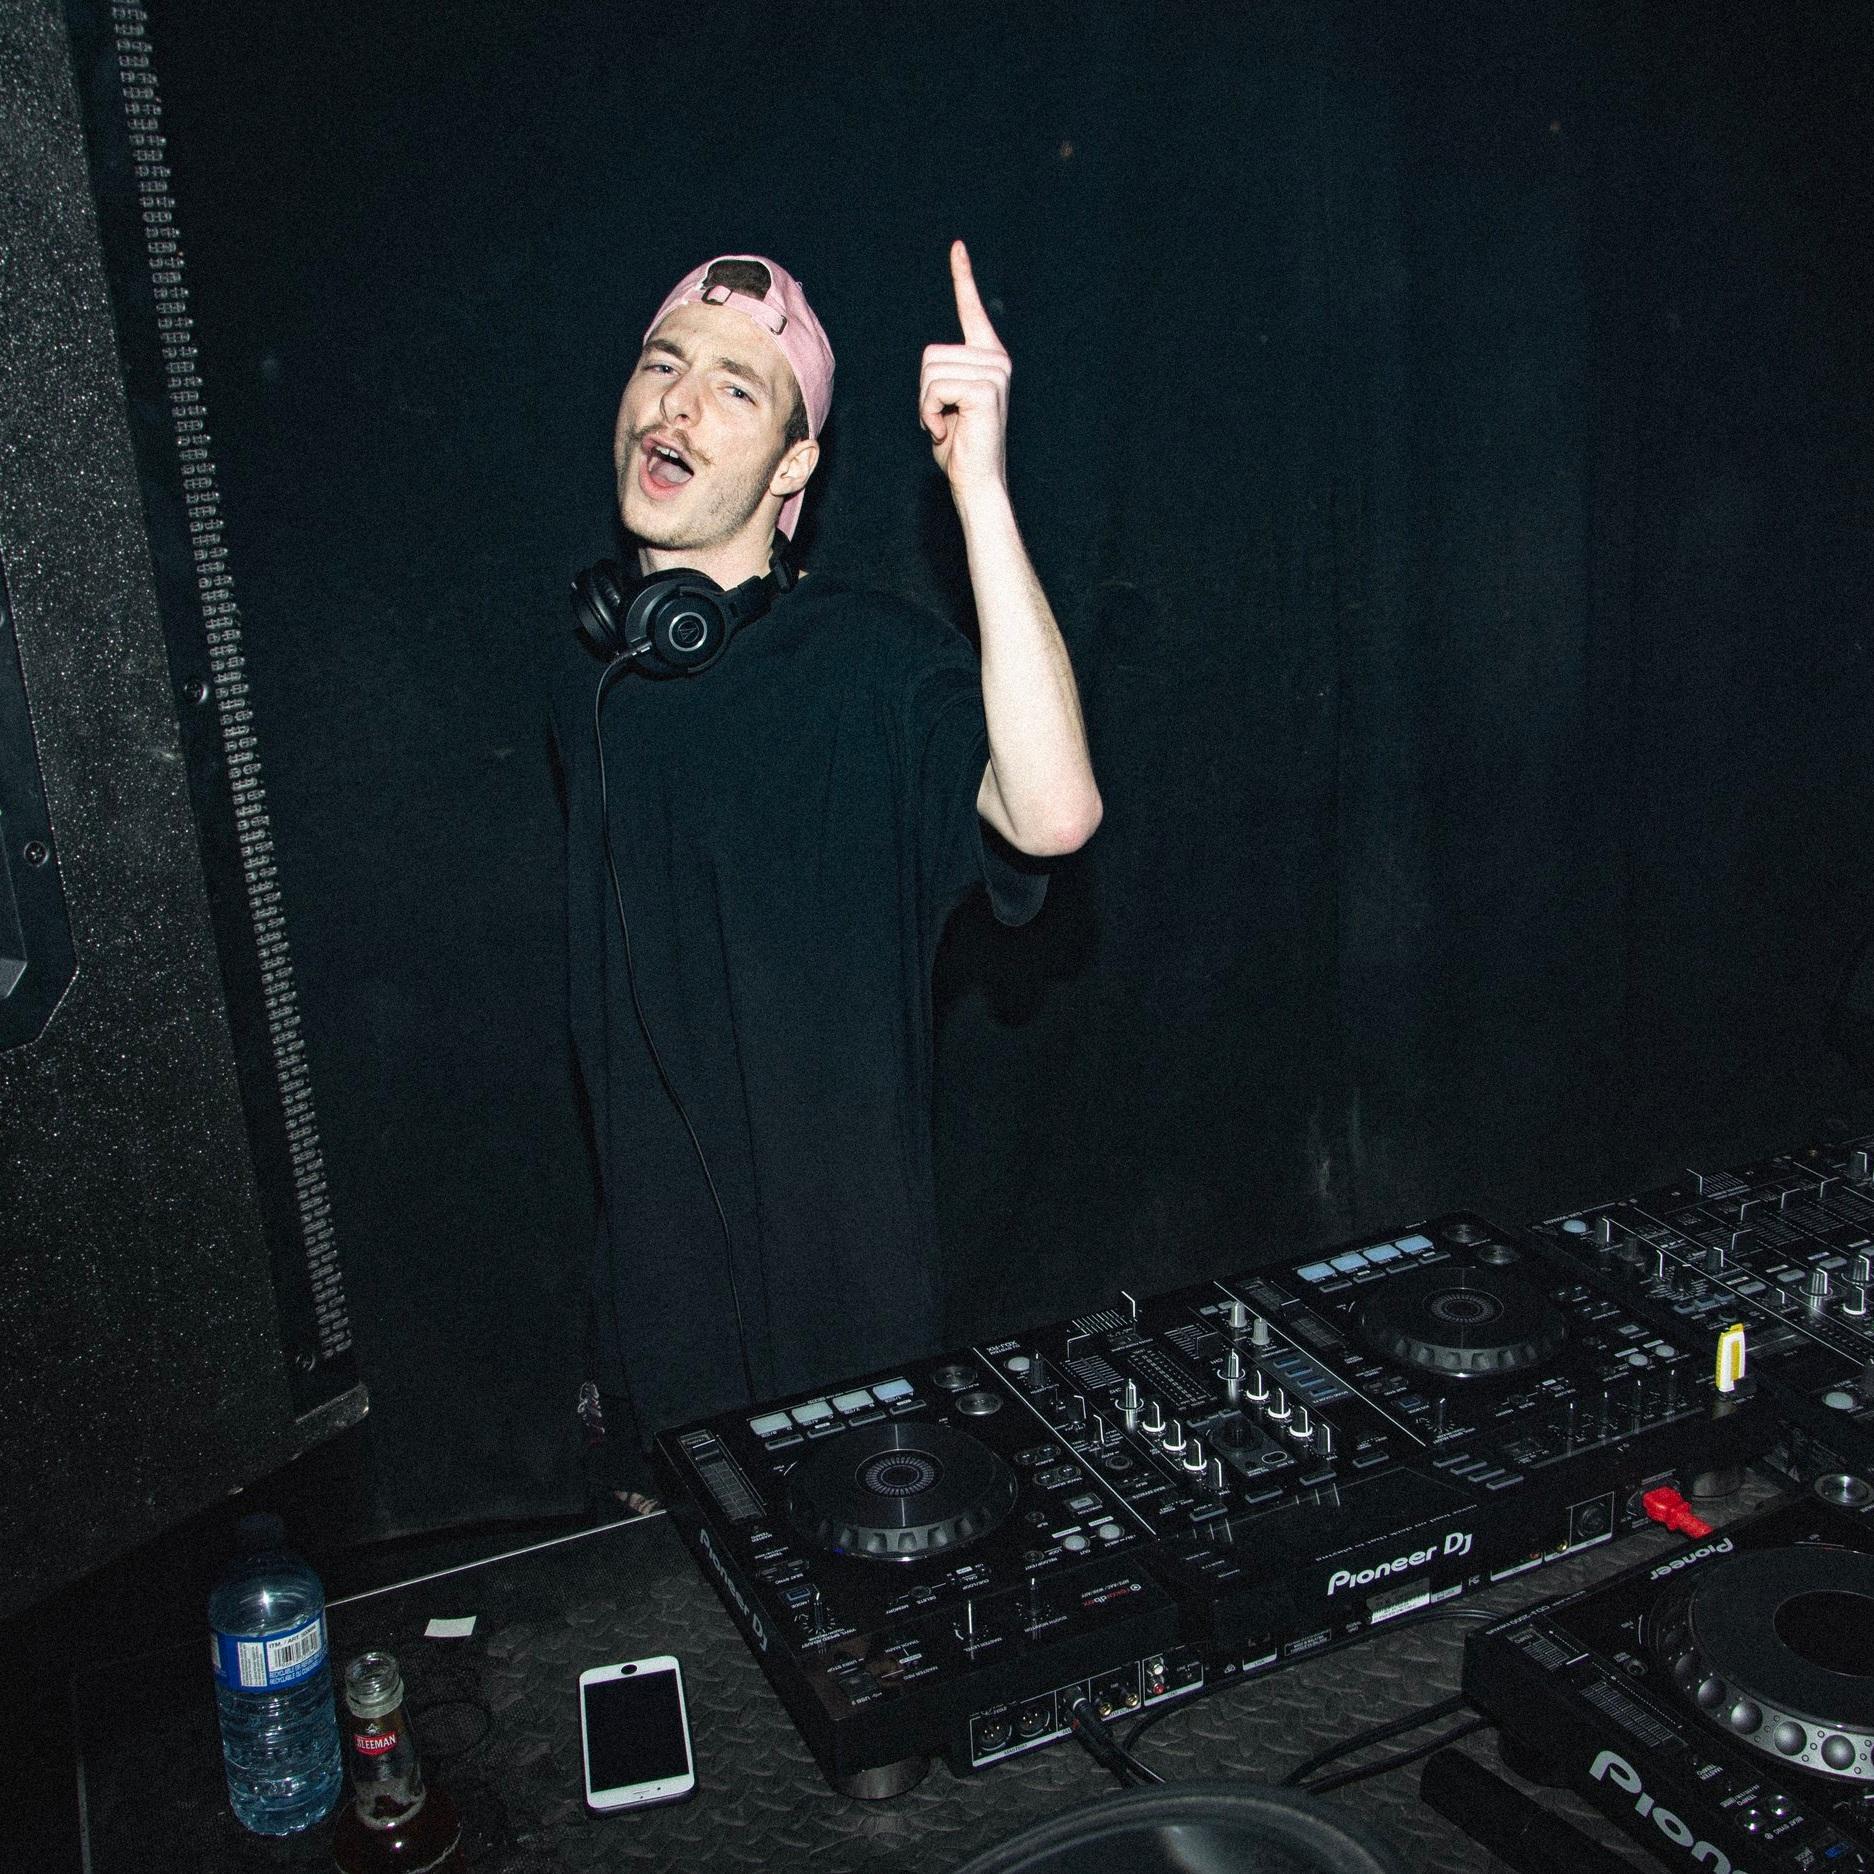 ALEX CHENIER / CHEFNIER    MARKETING  EVENTS COORDINATION  DJ